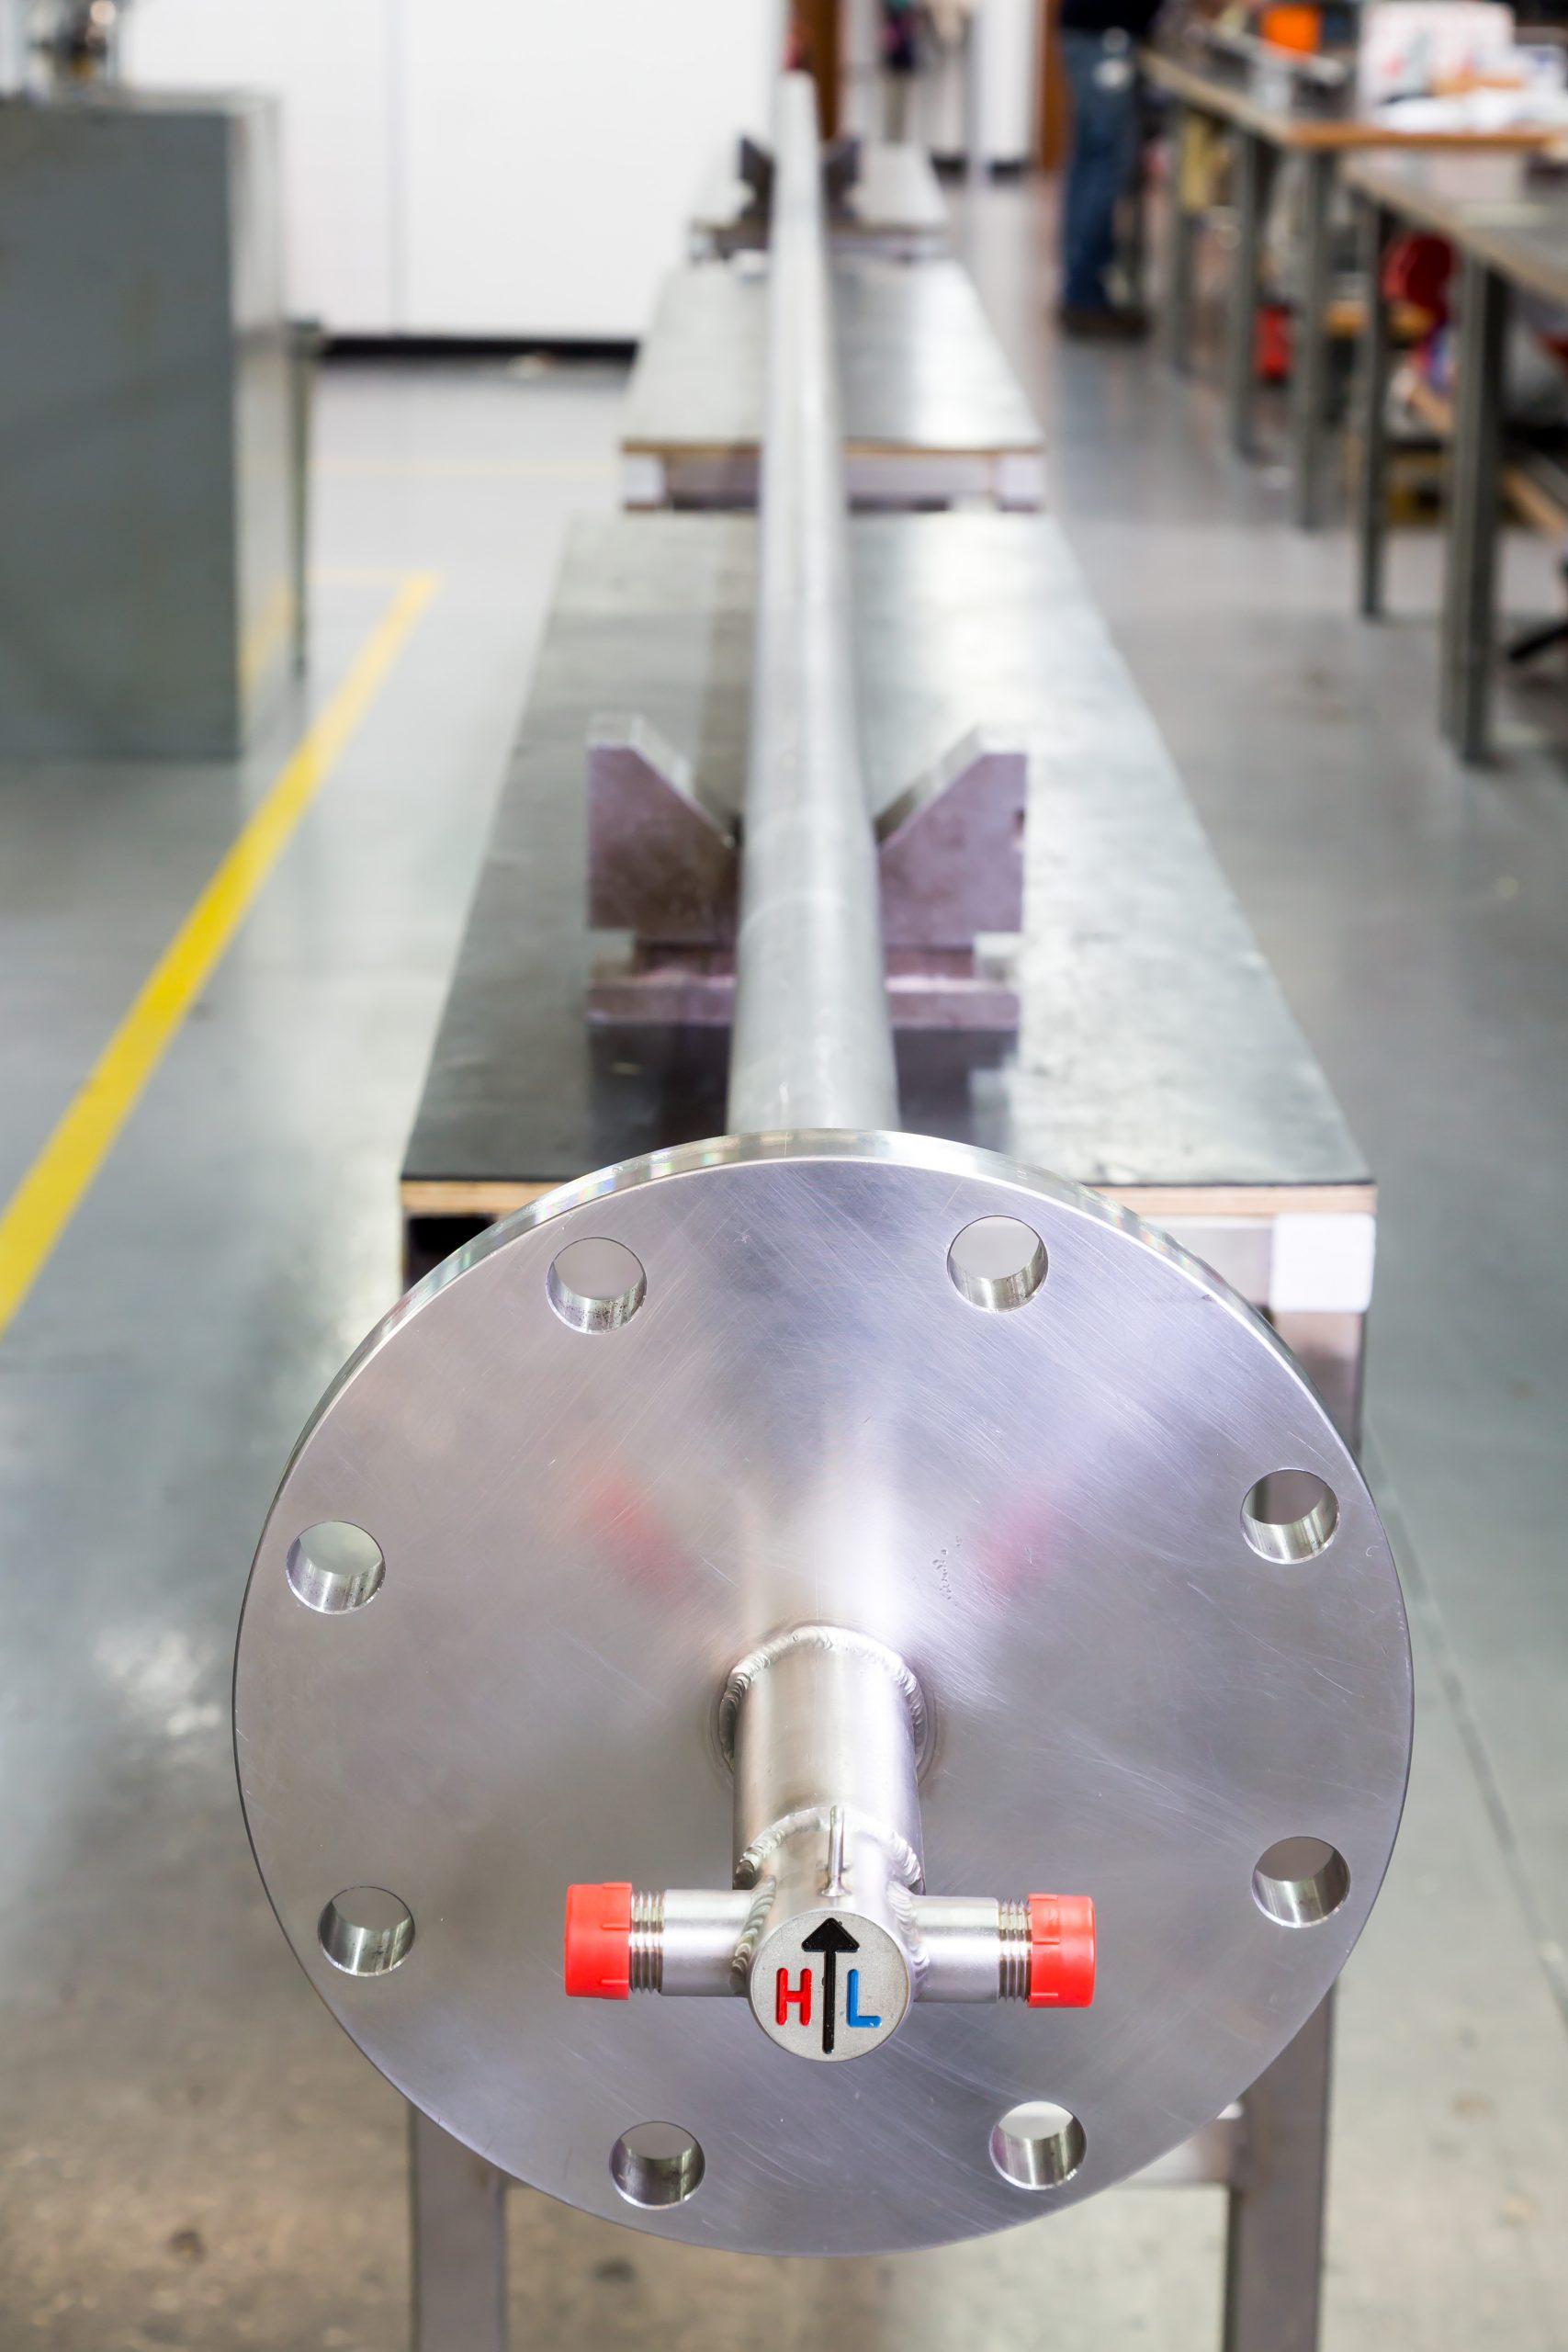 View taken inside the workshop